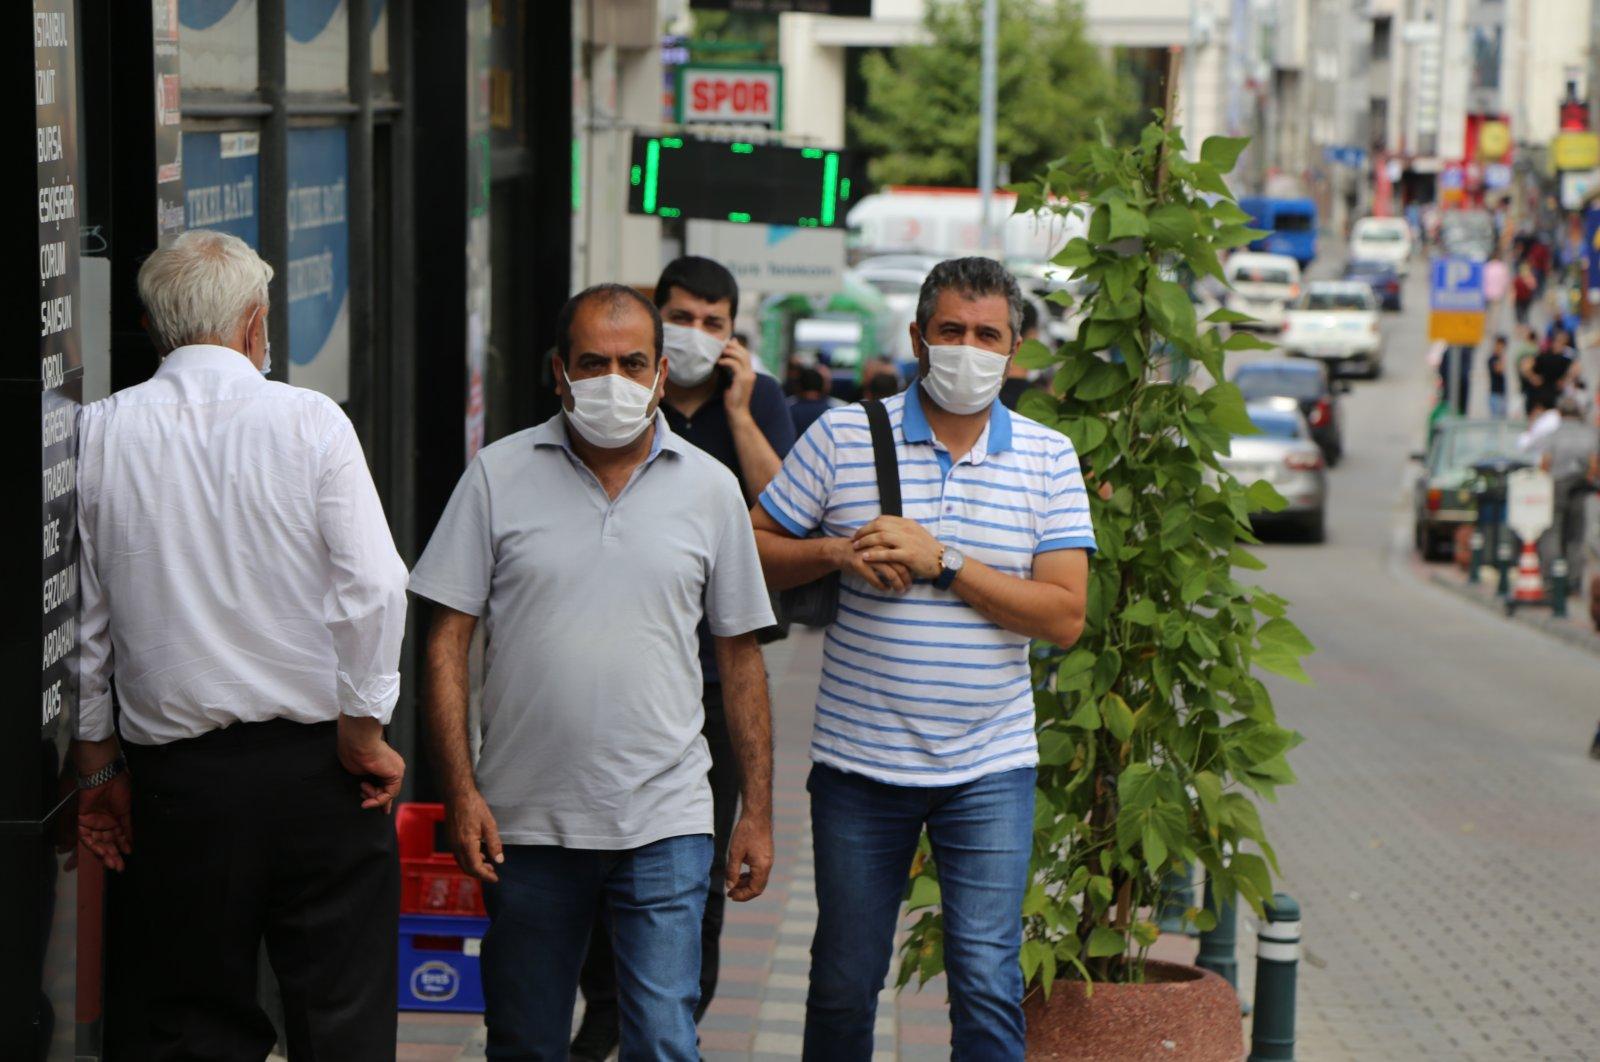 People wearing protective masks walk on a street in Artvin, northeastern Turkey, Aug. 19, 2020. (IHA Photo)